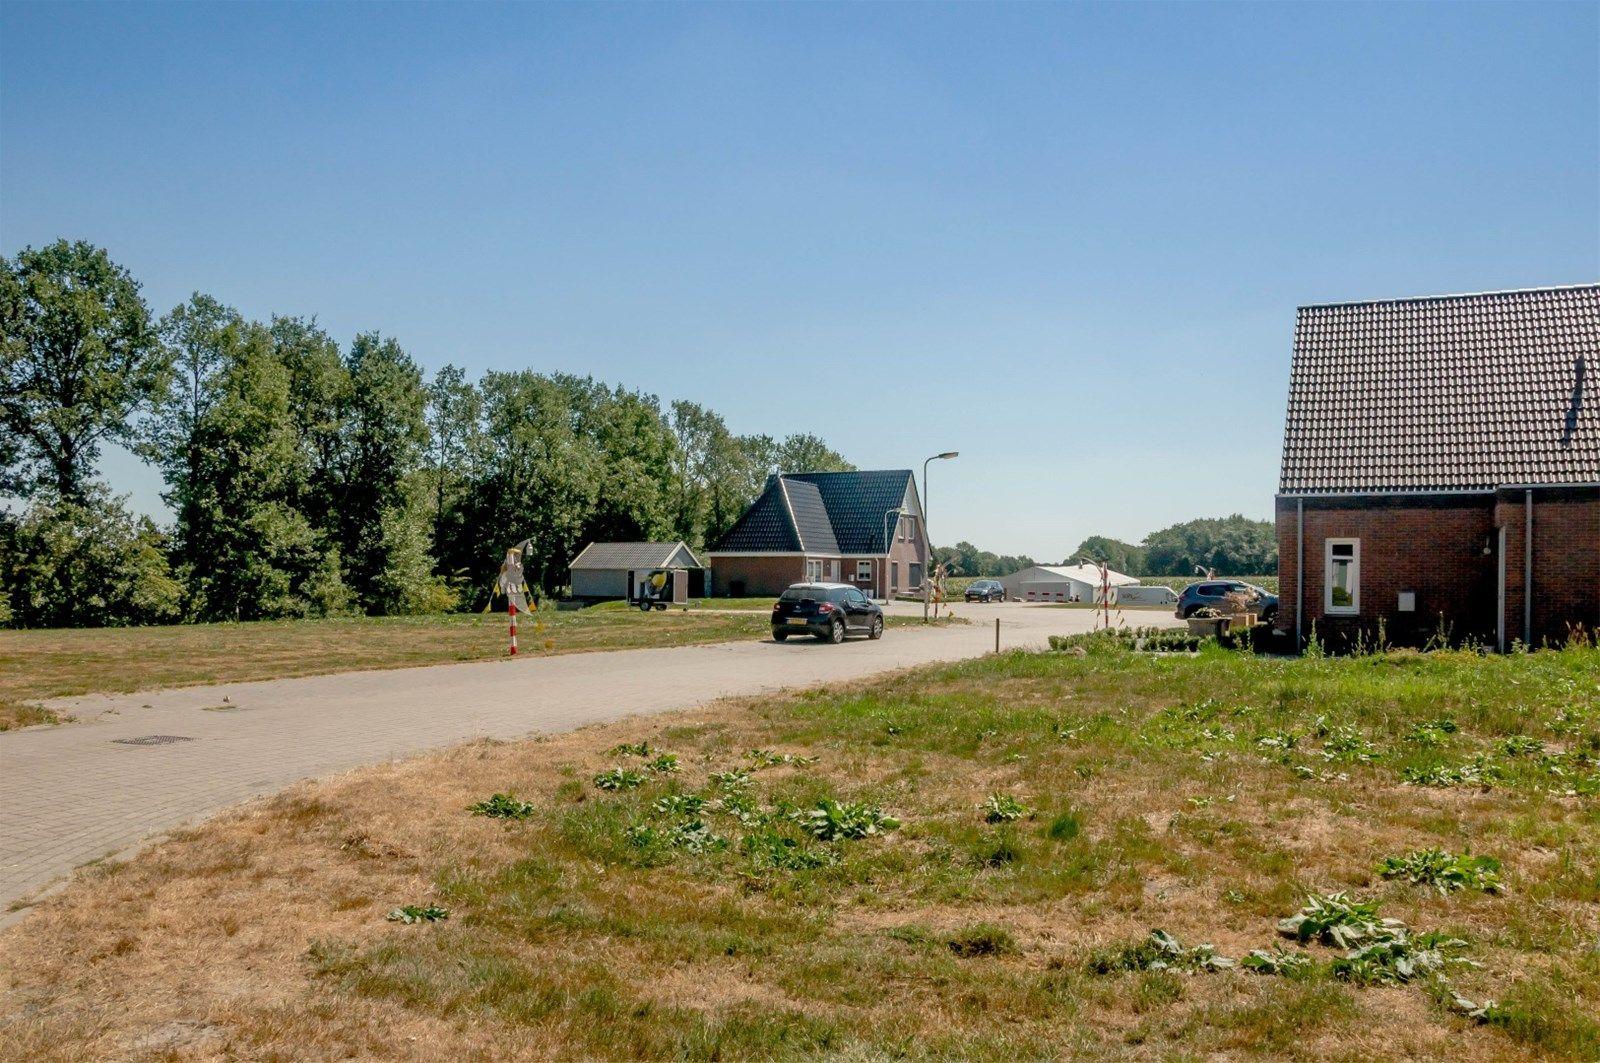 Venepad Kavel 4 0ong, Oosterstreek